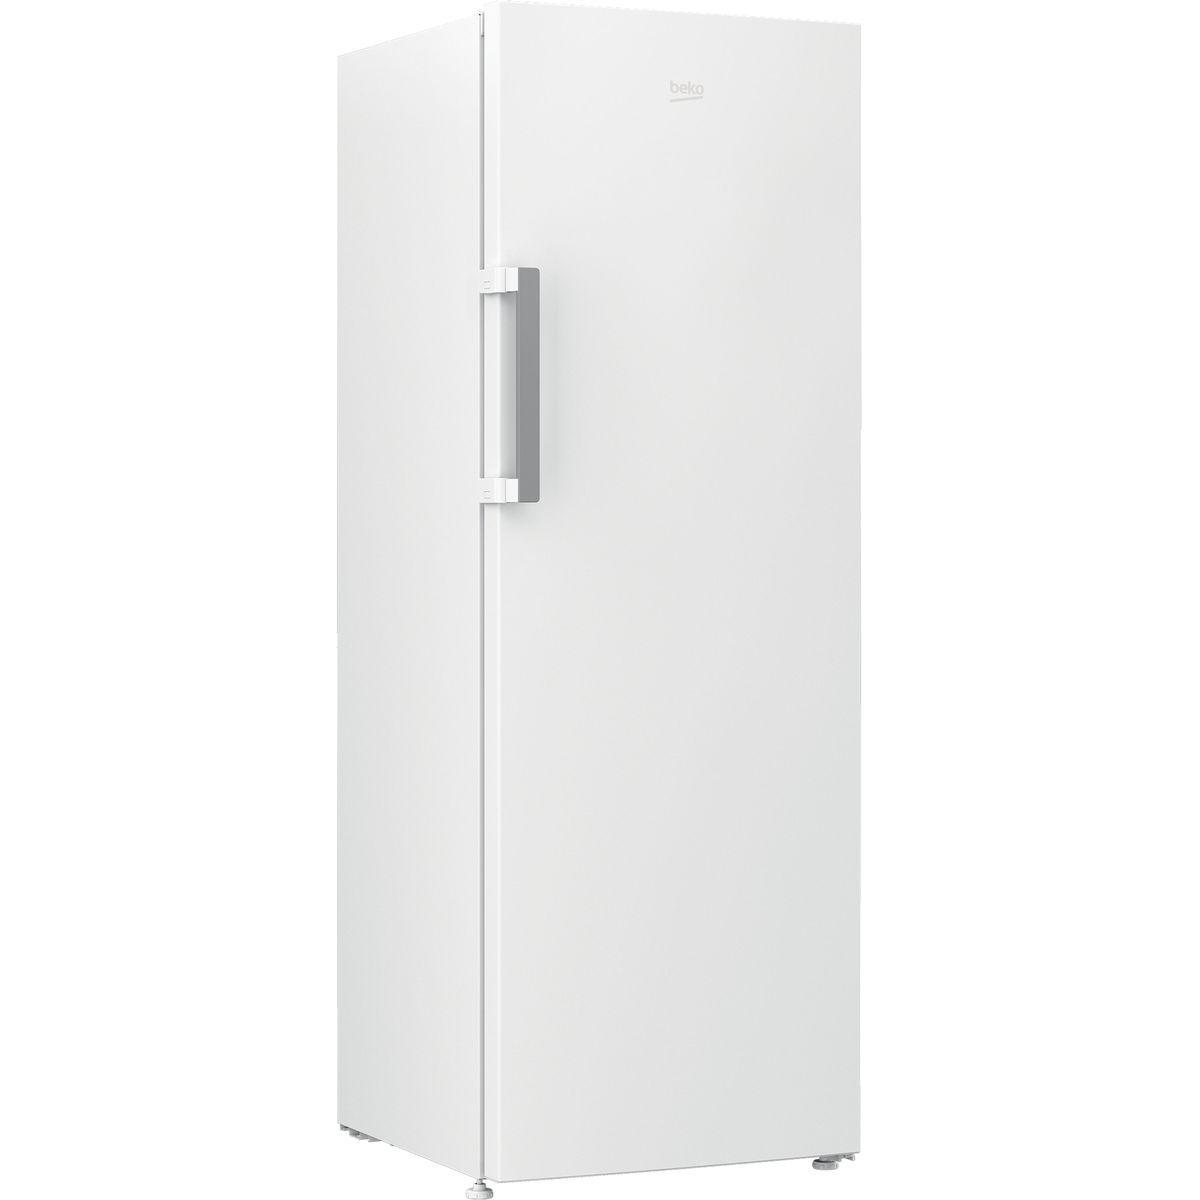 Réfrigérateur armoire RES44NWN, 375 L, Froid Ventilé